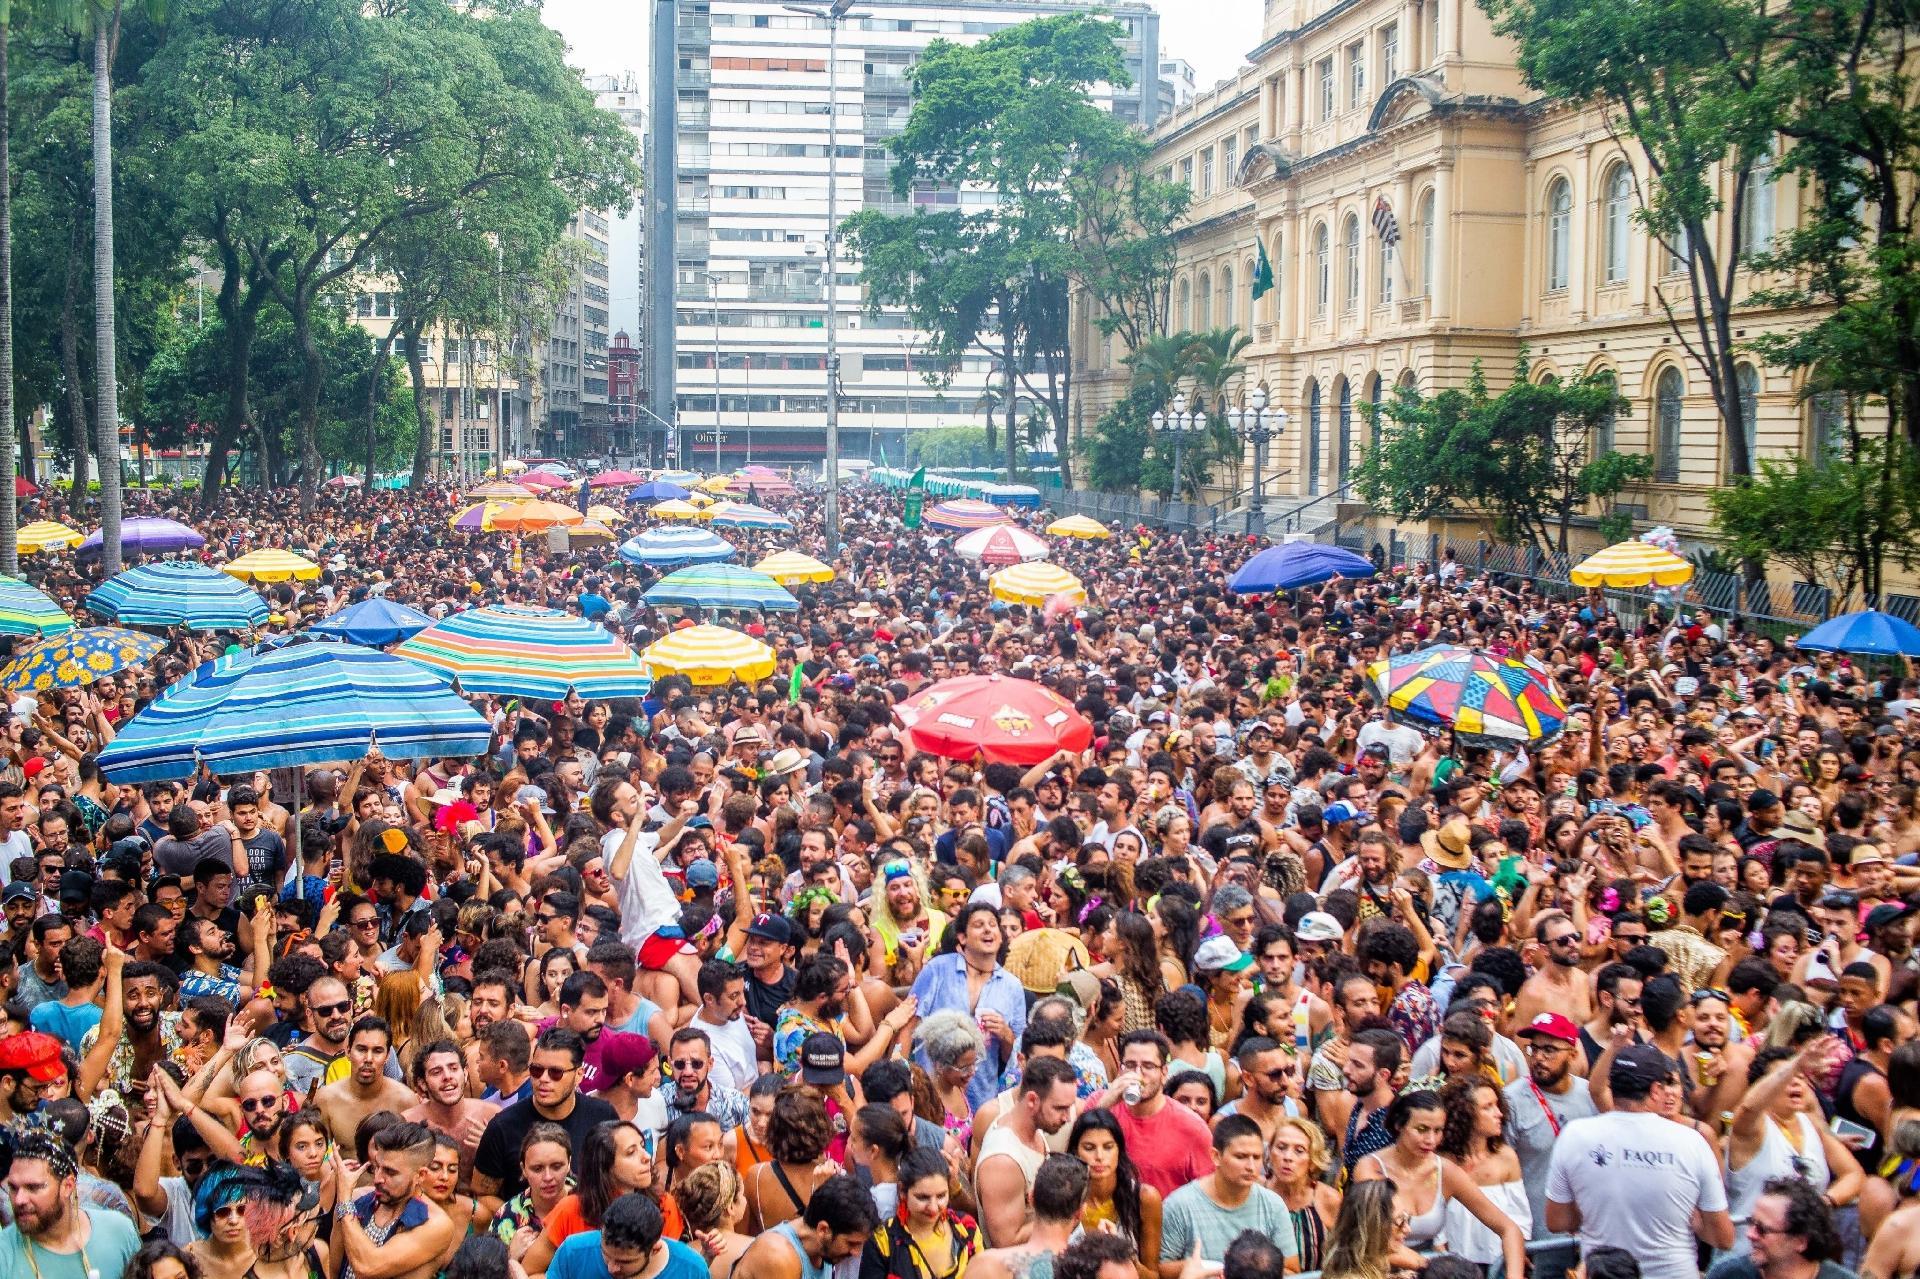 Como ganhar dinheiro no Carnaval  vagas para ambulantes e dicas para vender  - 16 02 2019 - UOL Economia 4adfbed19e7